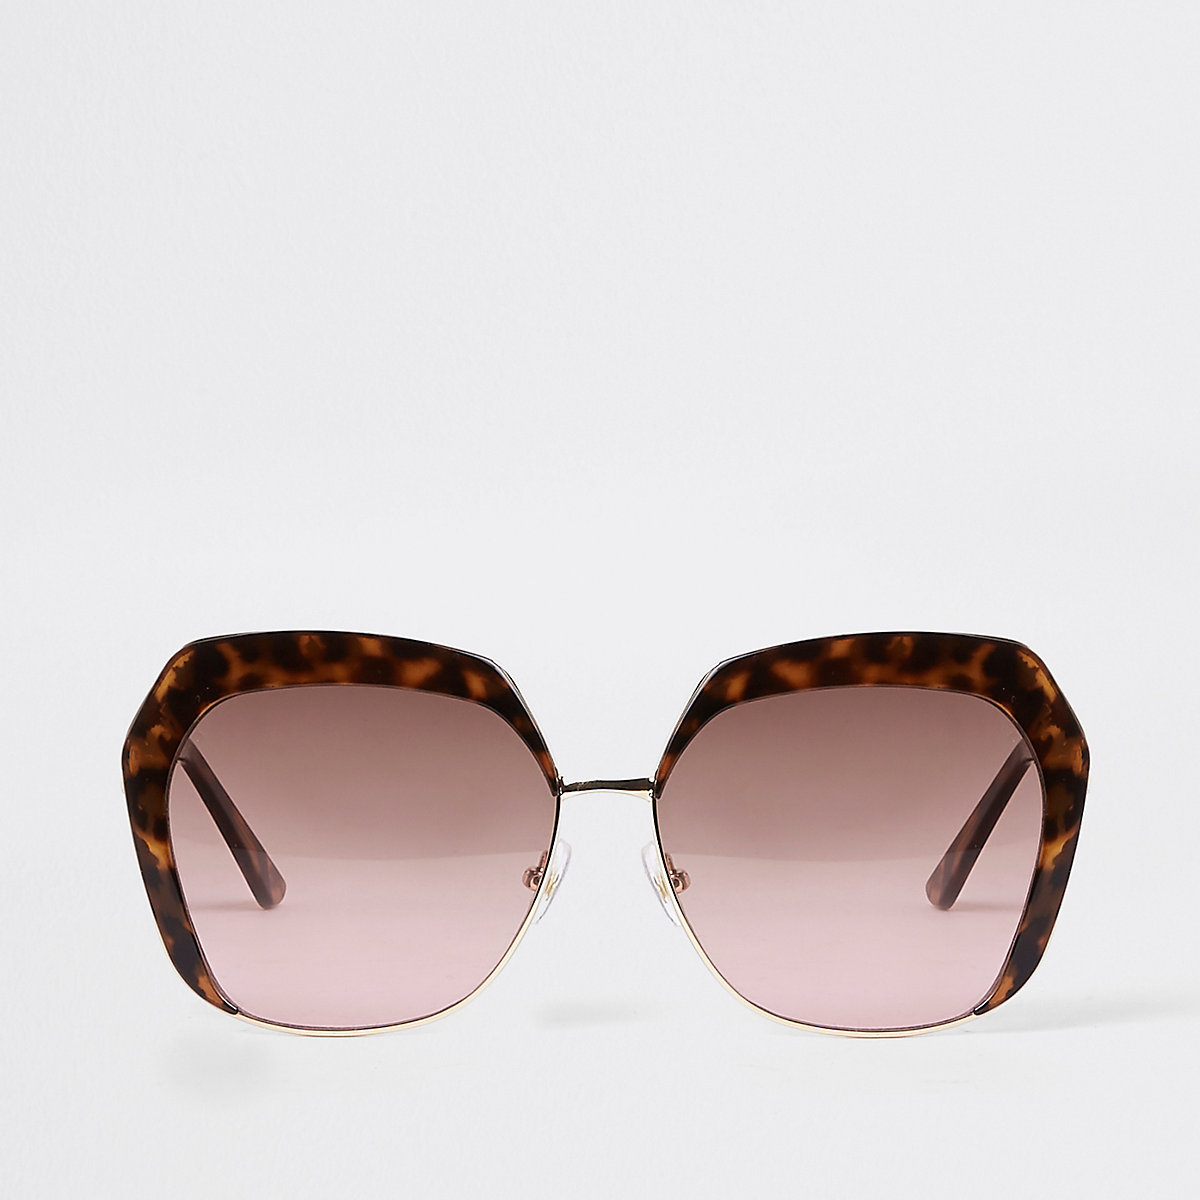 Brown tortoiseshell pink lens glam sunglasses